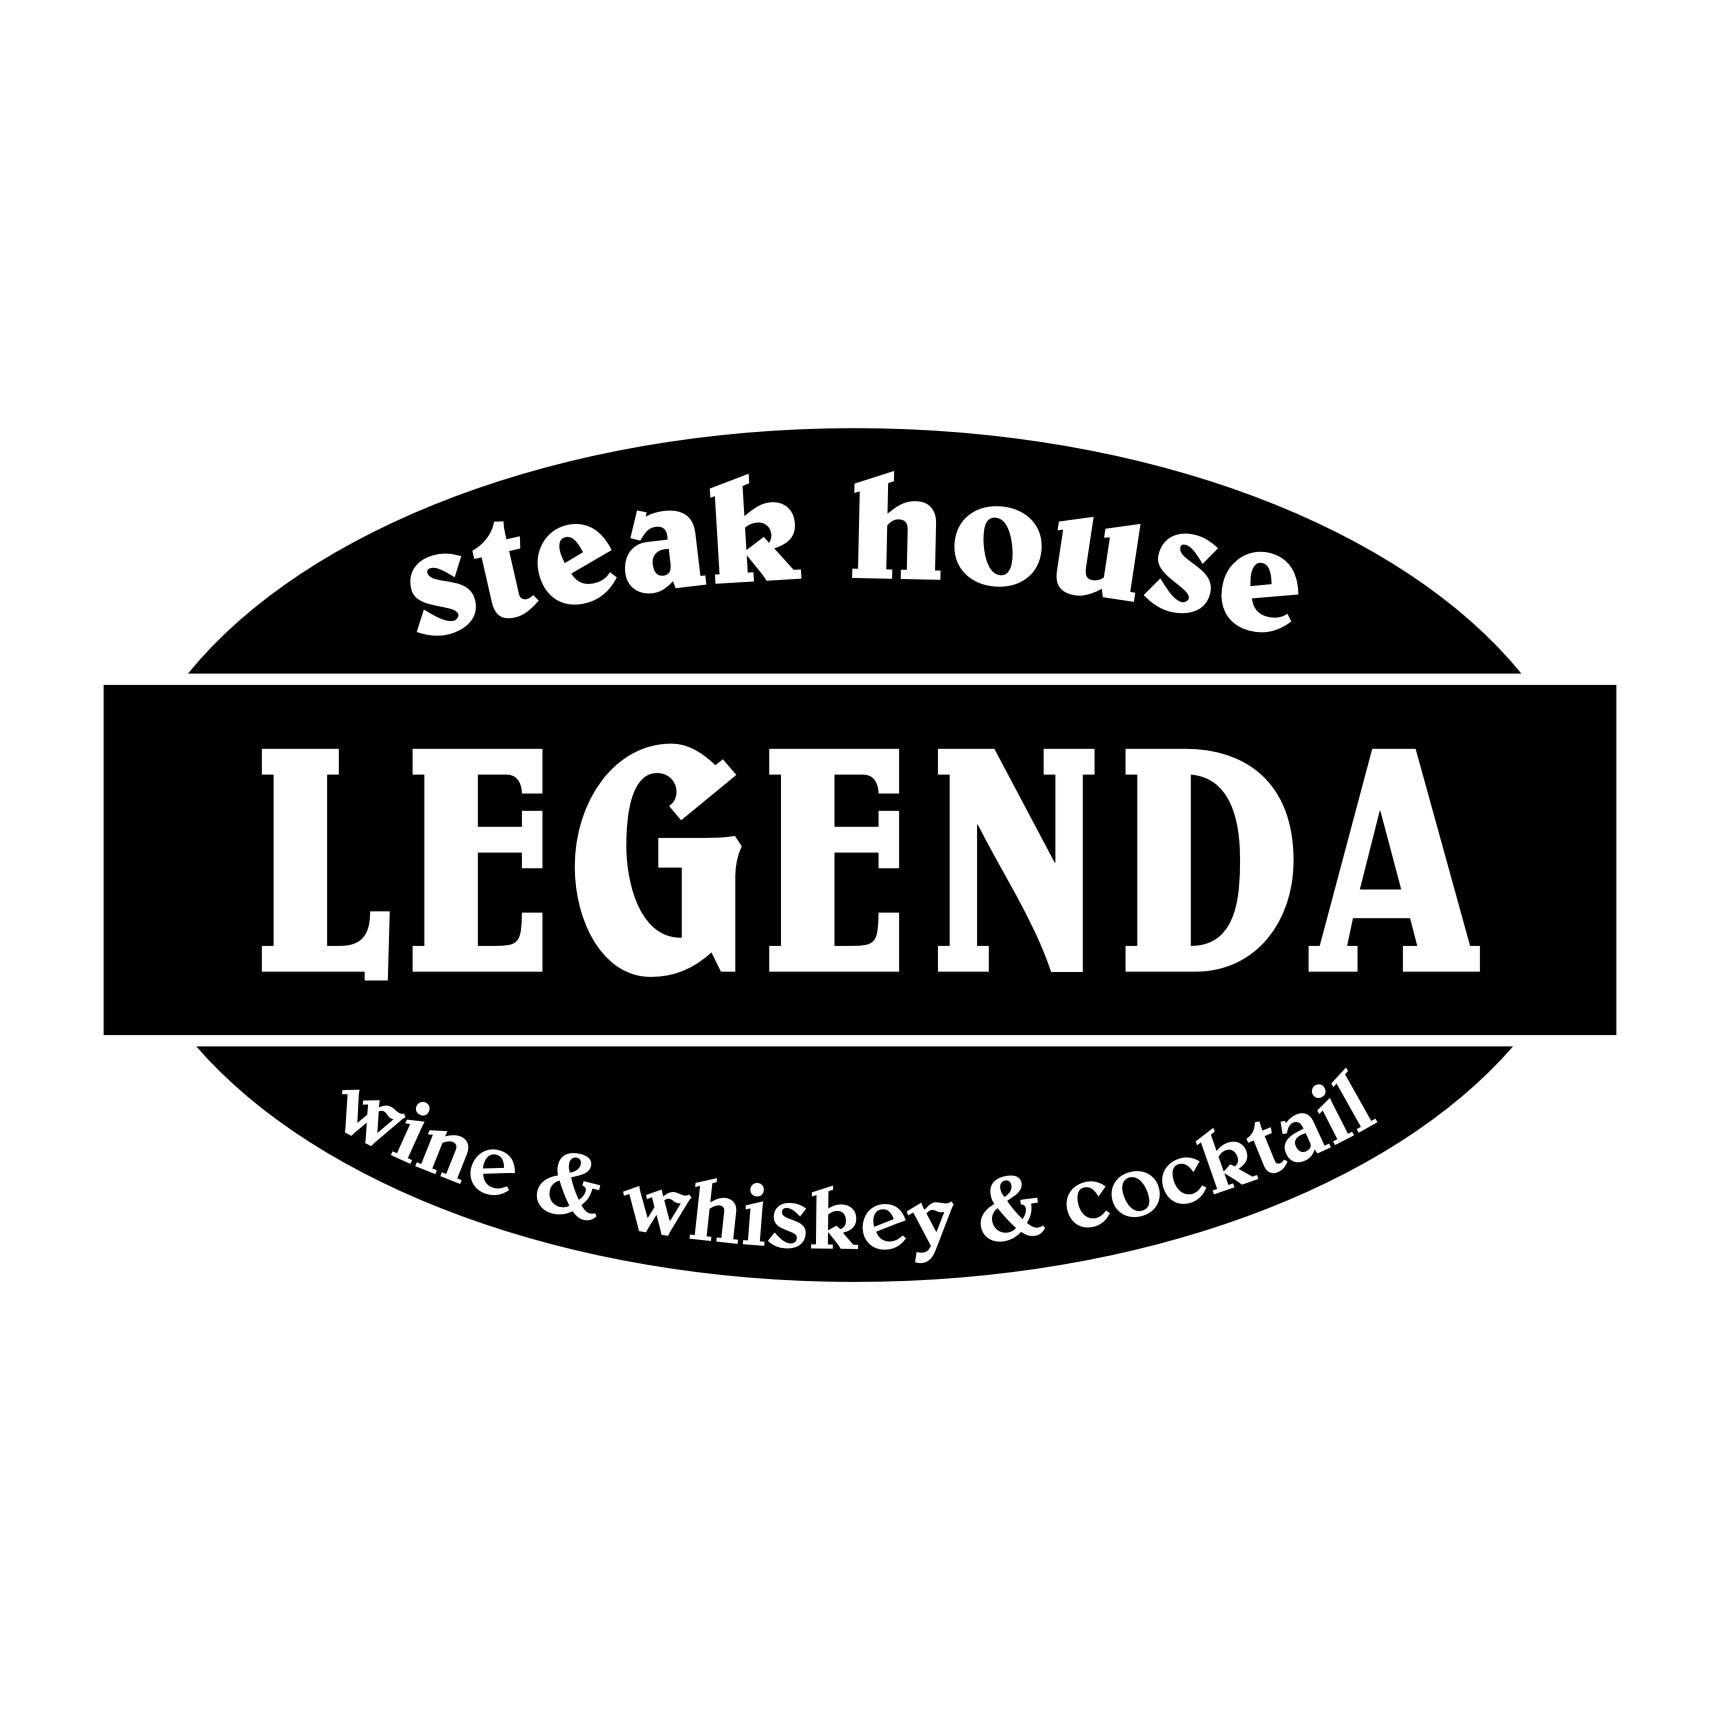 Legenda Steak House